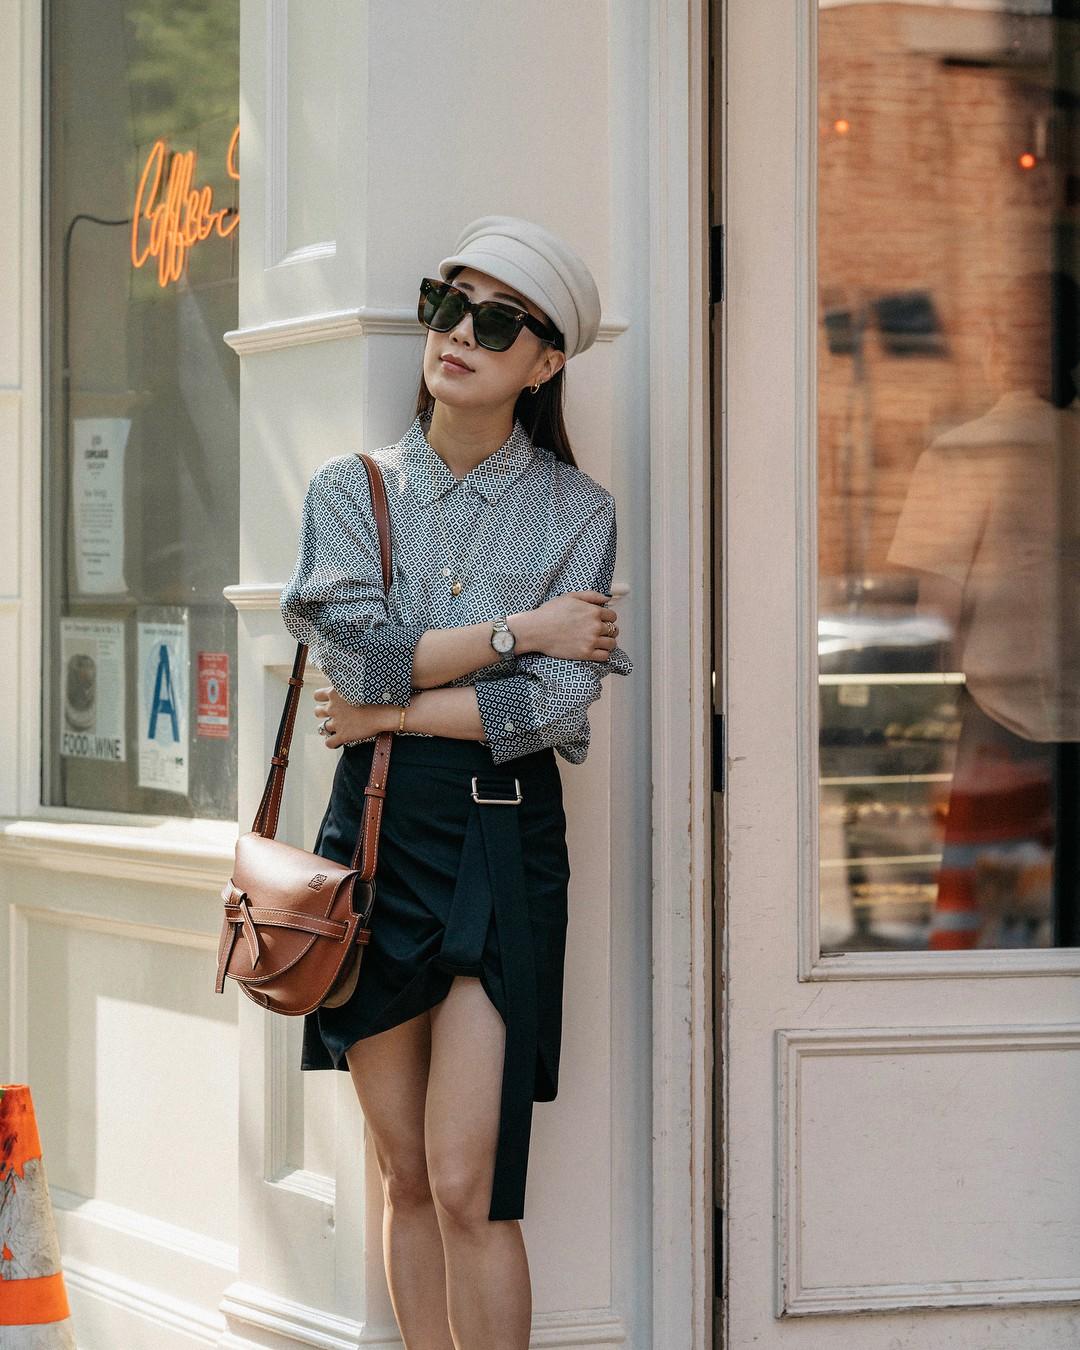 """Tháng nào cũng cạn tiền vì mua sắm váy áo, đó là bởi bạn đã không tuân theo 5 nguyên tắc shopping """"sống còn"""" này - Ảnh 3."""